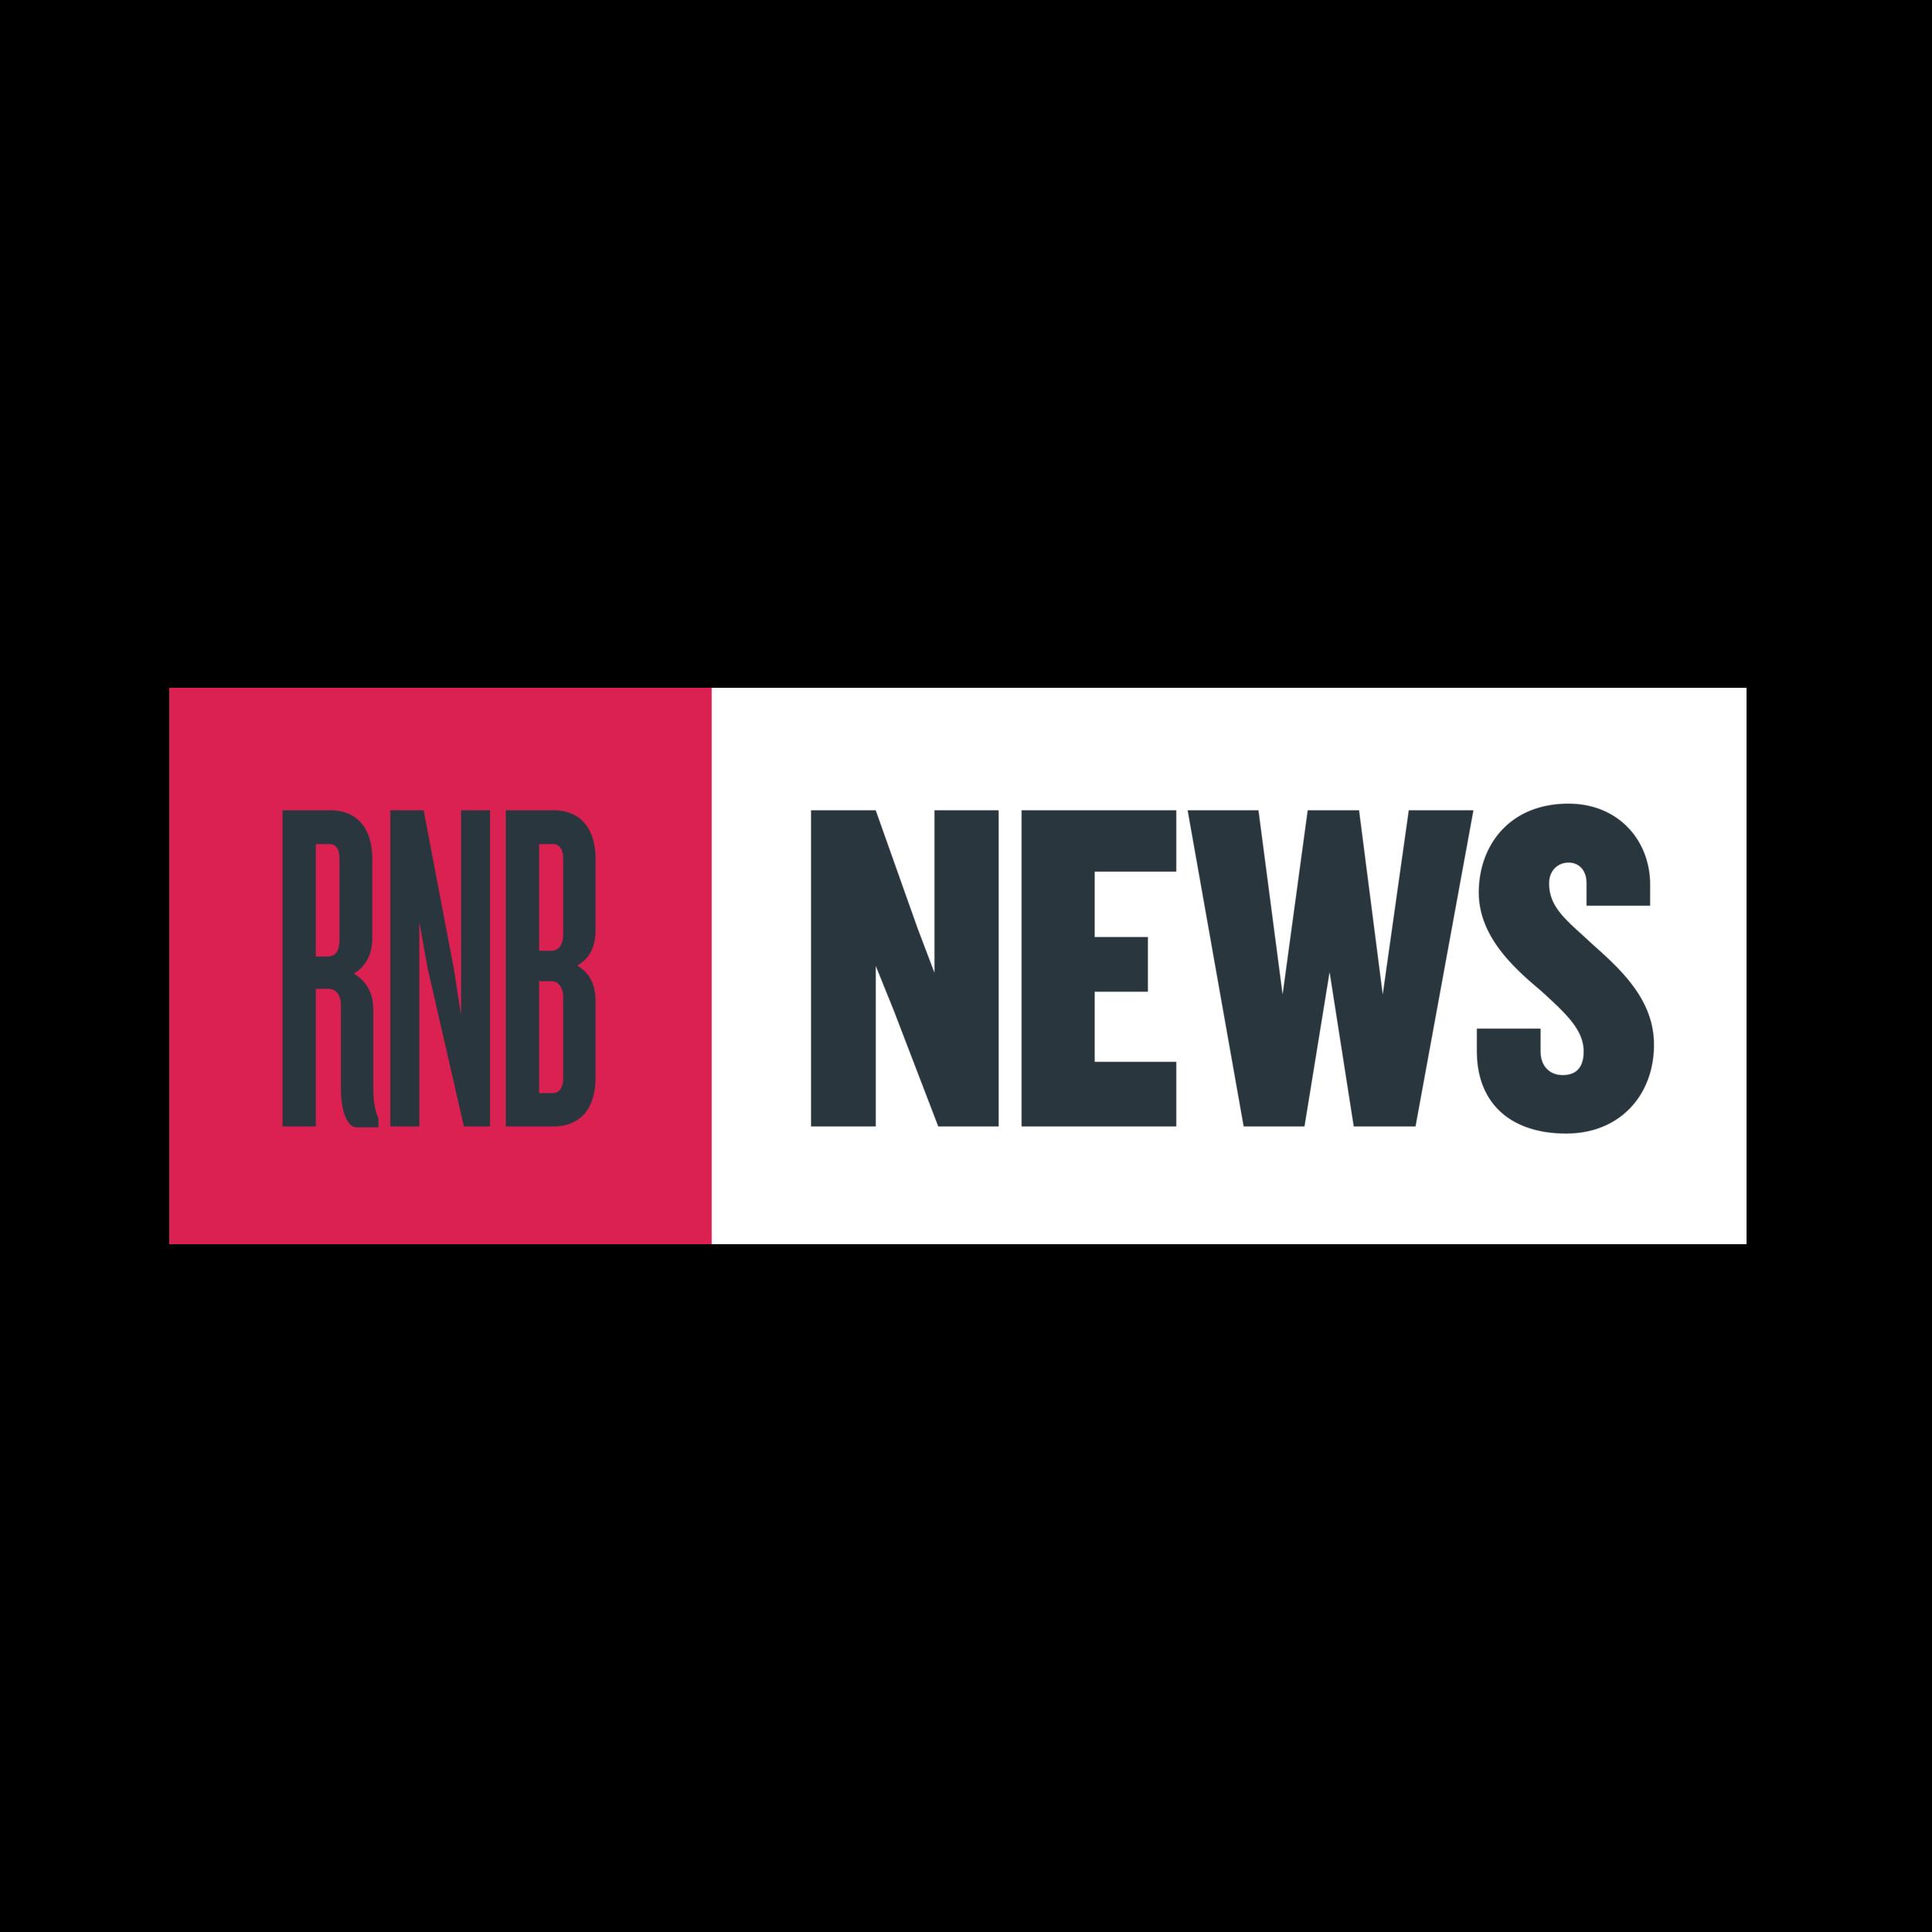 RNB NEWS@4x.png